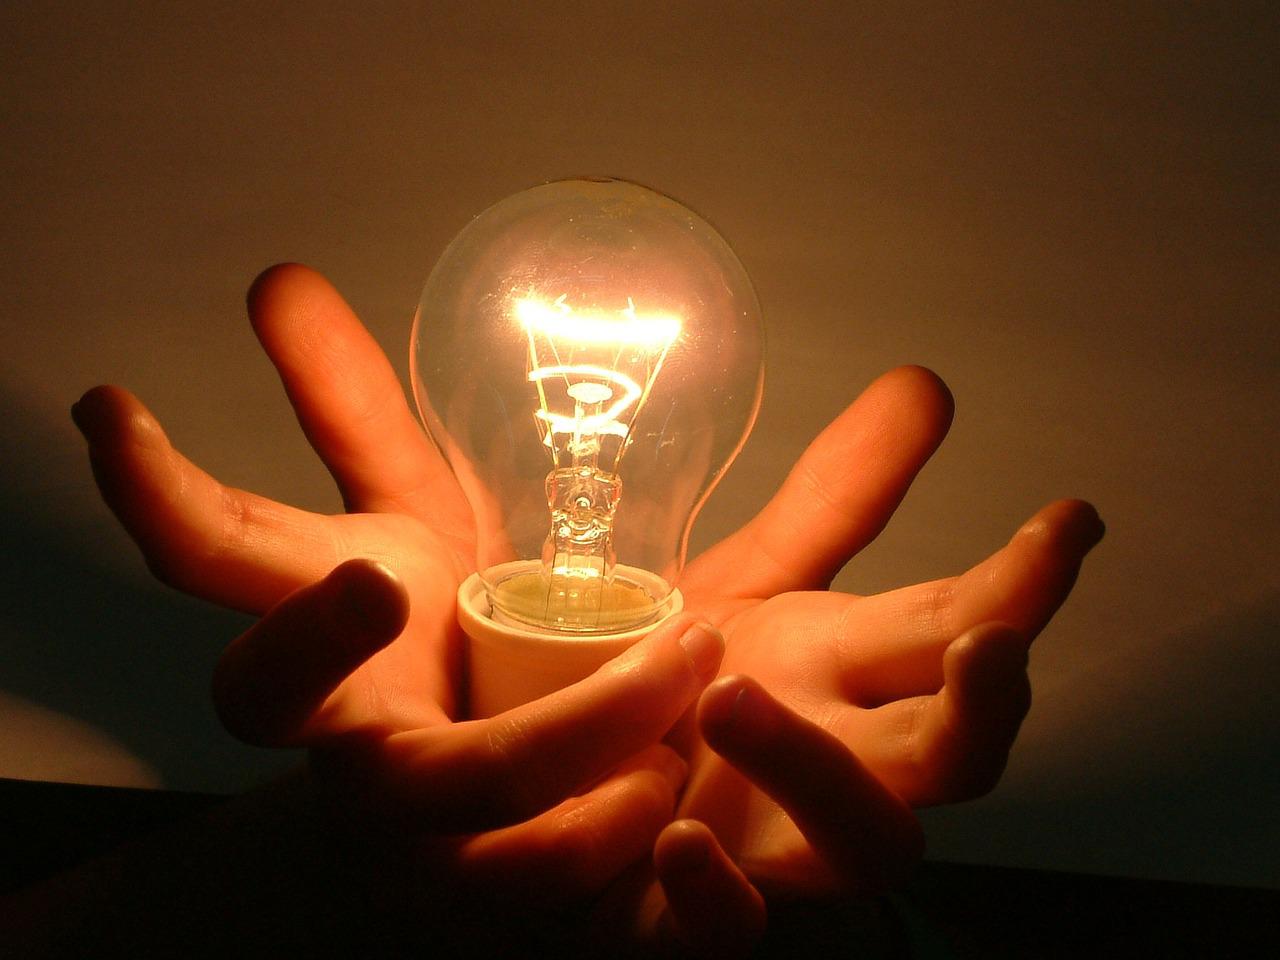 Hands holding a light bulb